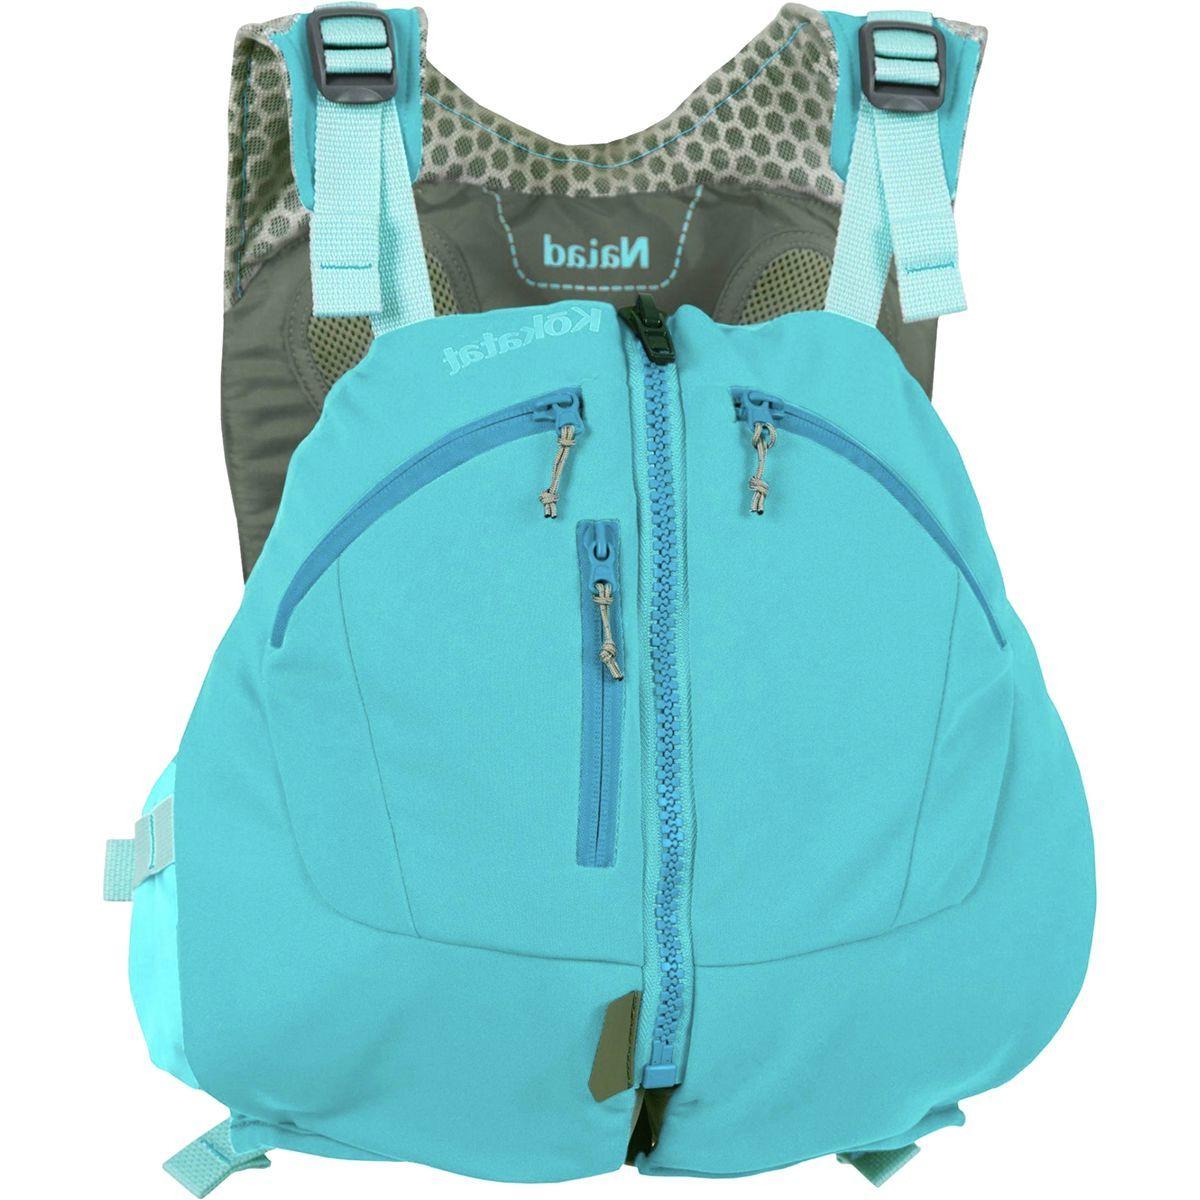 Kokatat Naiad Personal Flotation Device - Women's